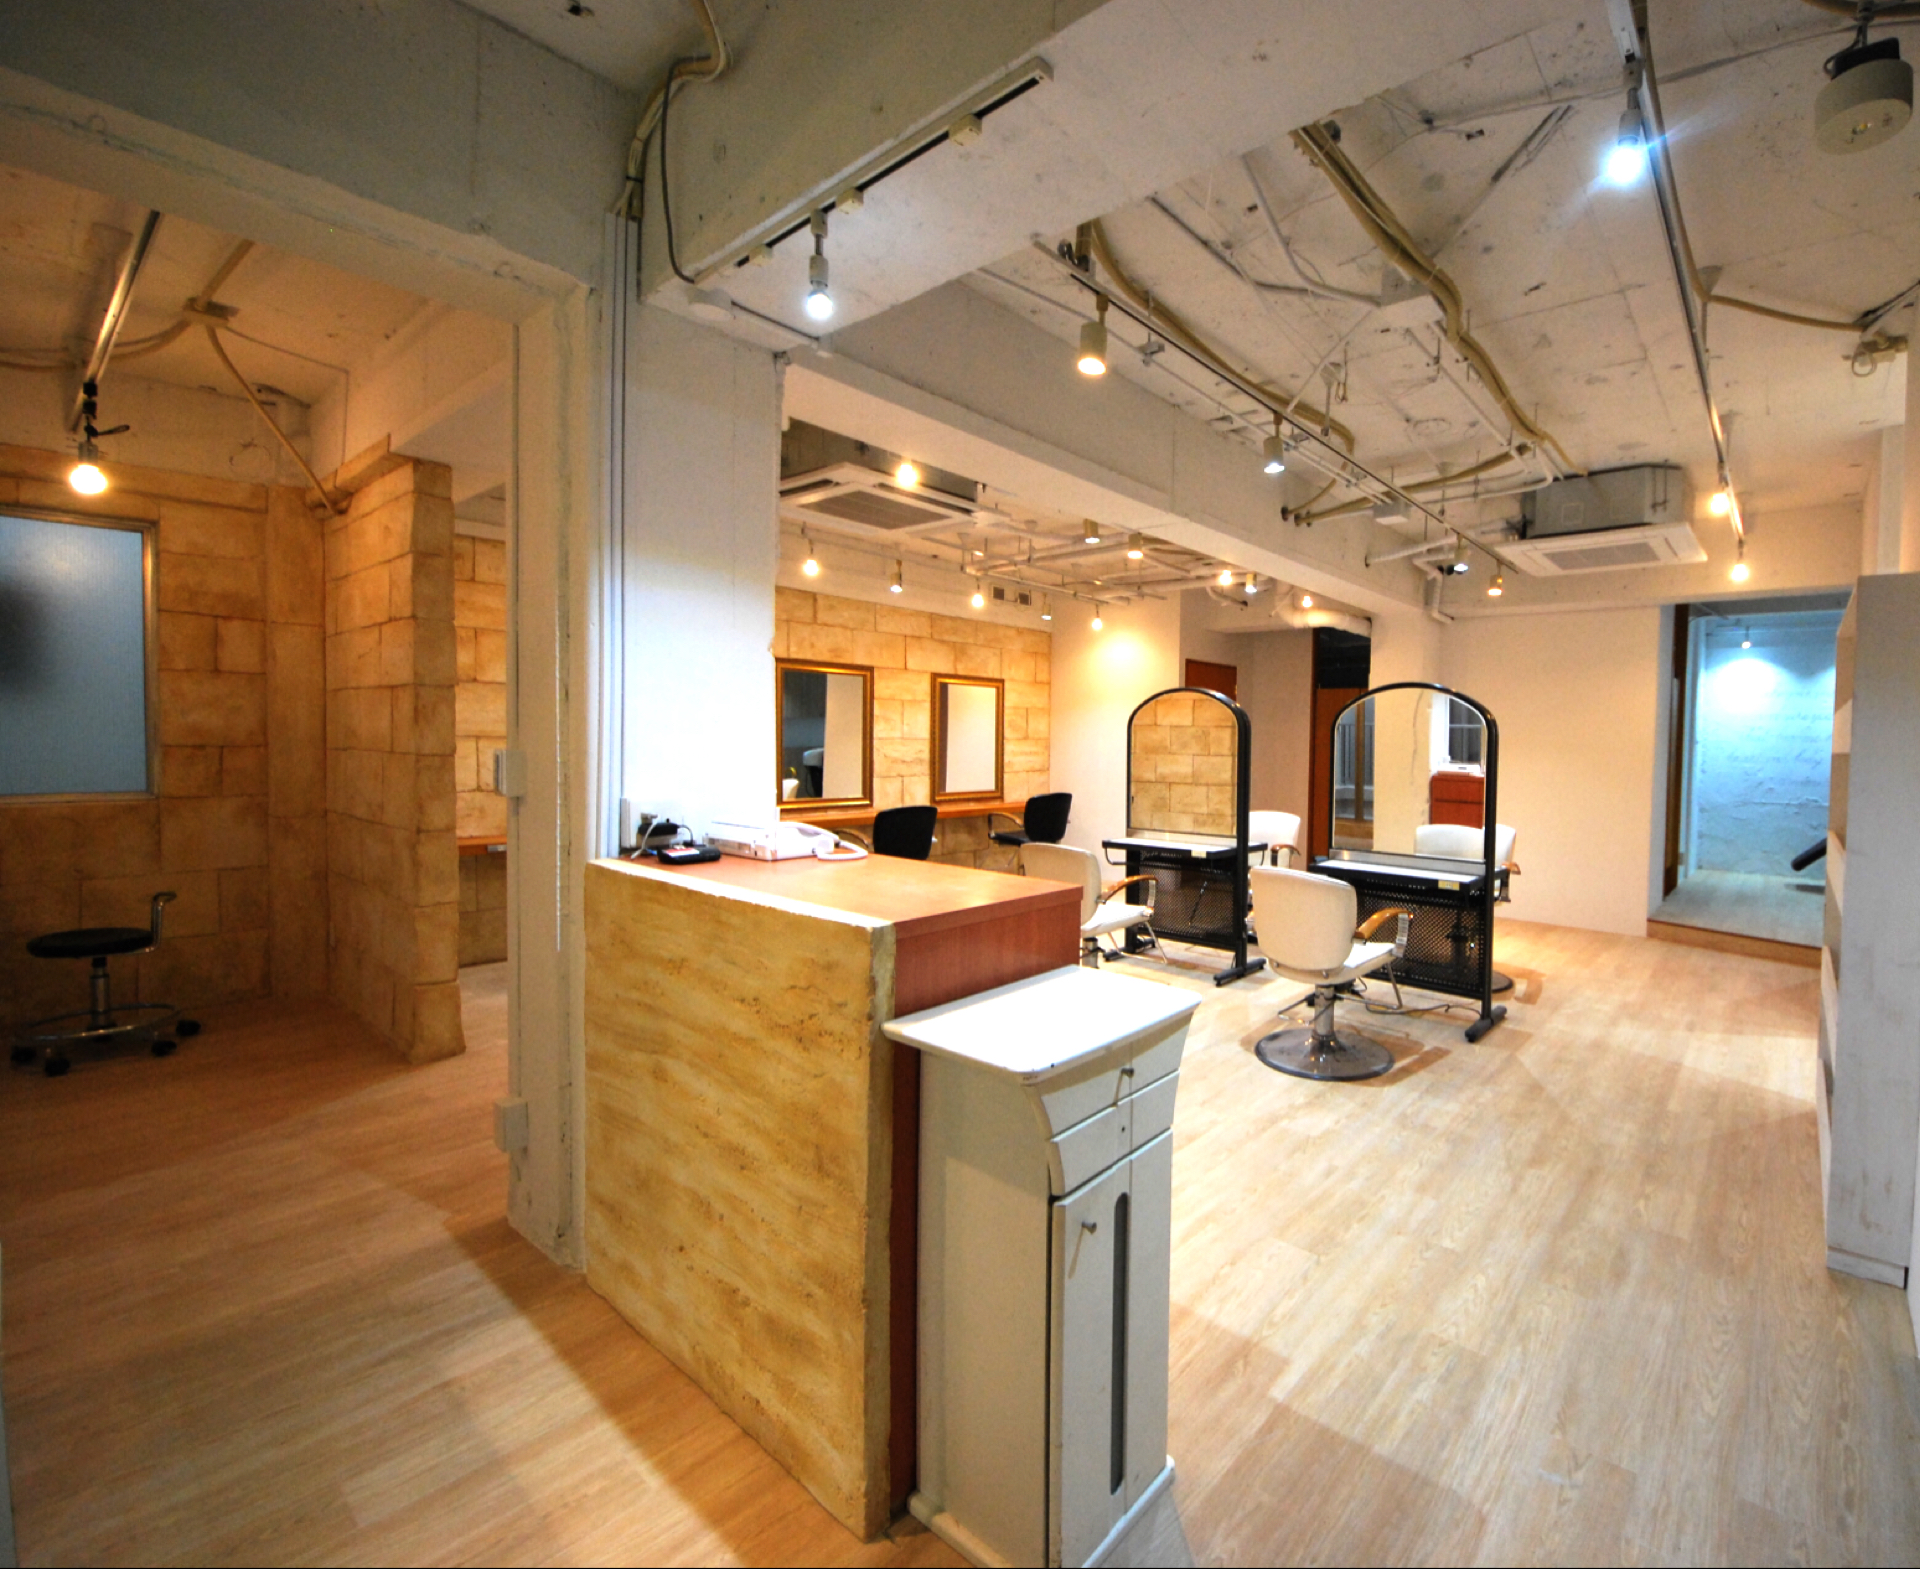 フリーランス美容師さんのためのシェアリングサロン・フランジ。藤沢店の様子です。